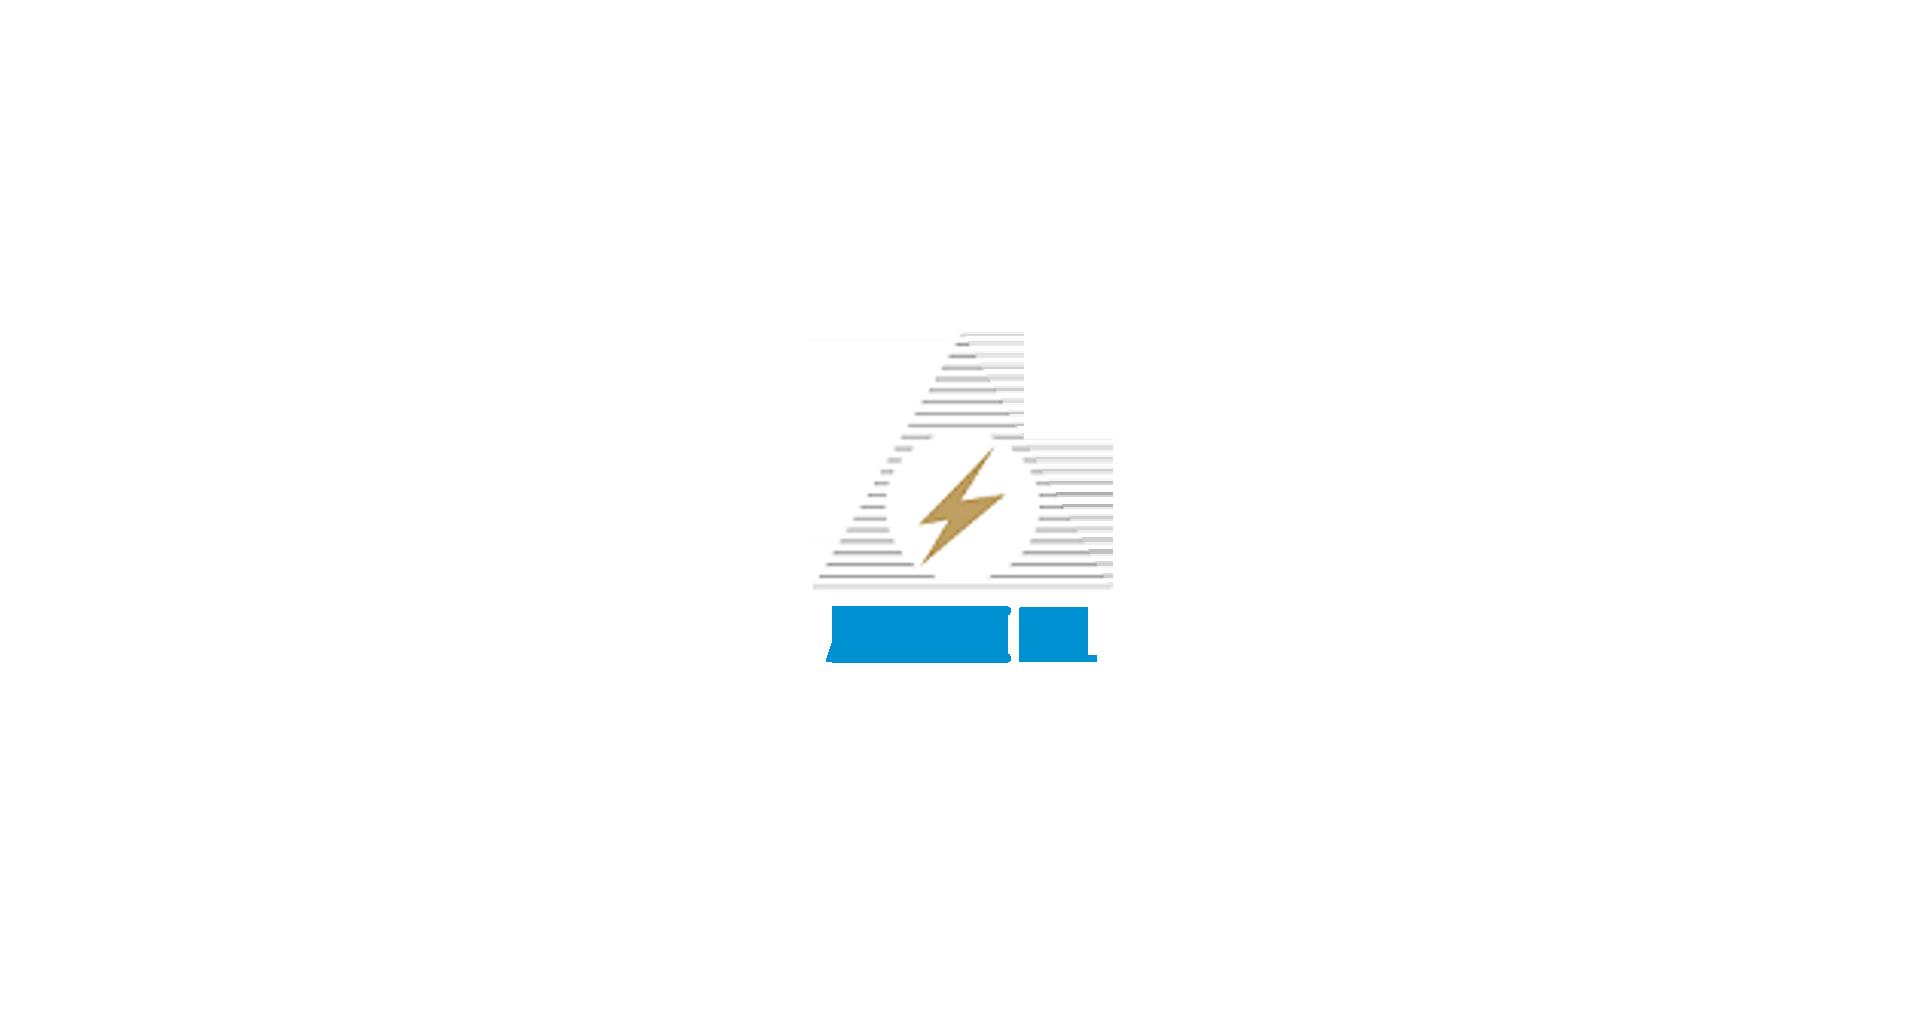 APPCPL